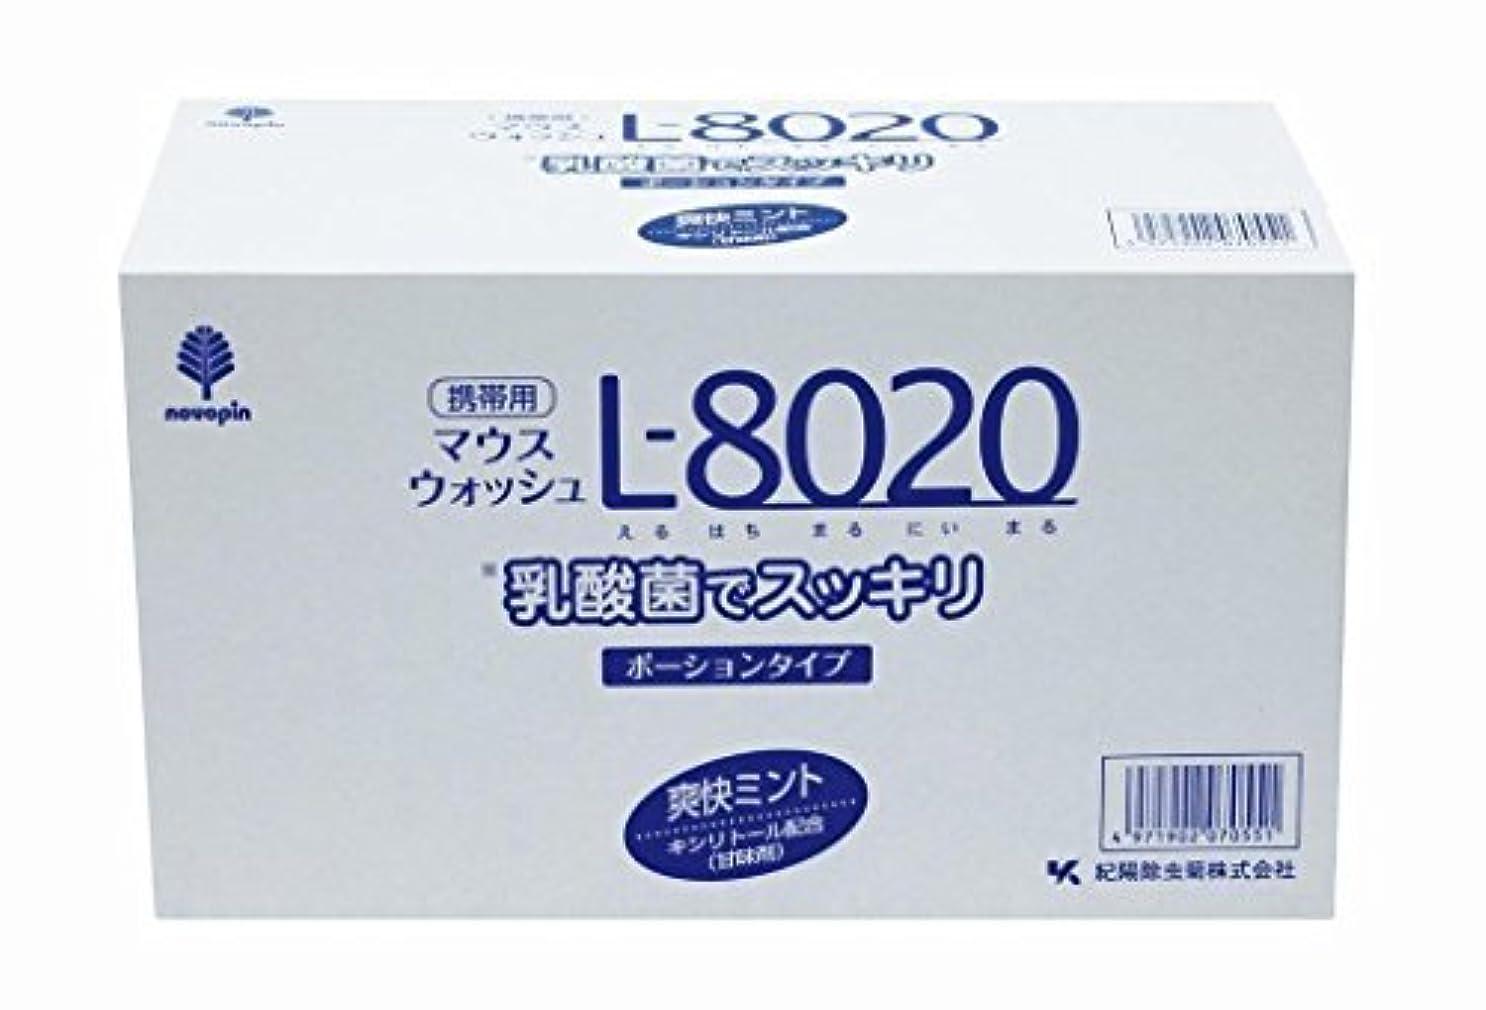 安全でない腹部バケットクチュッペL-8020爽快ミントポーションタイプ100個入(アルコール) 【まとめ買い10個セット】 K-7055 日本製 Japan